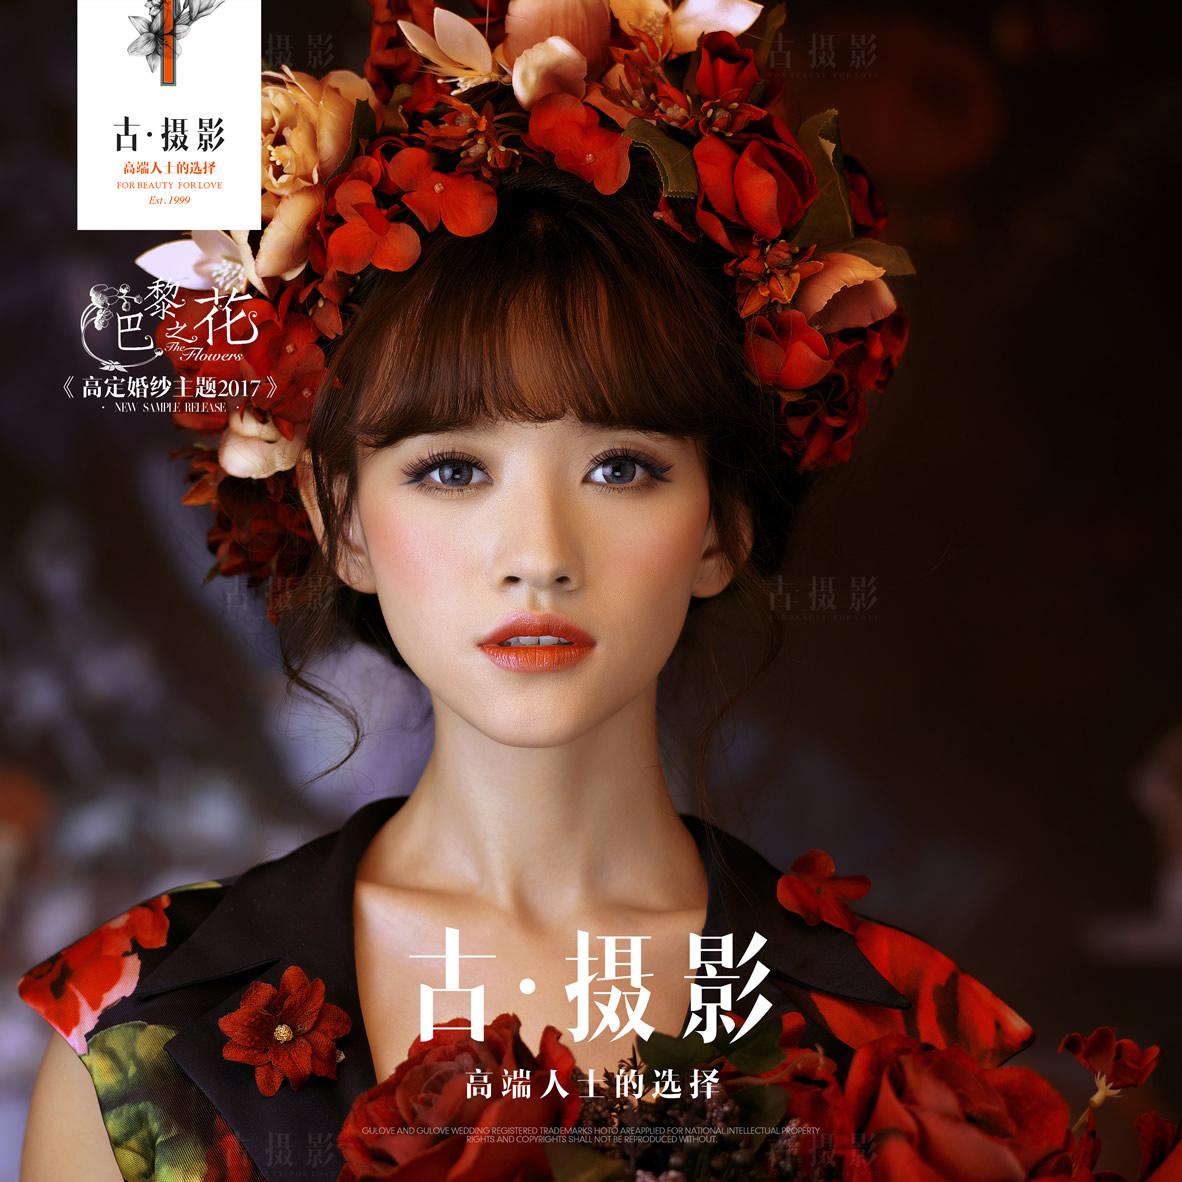 巴黎之花 - 明星范 - love上海古摄影-上海婚纱摄影网